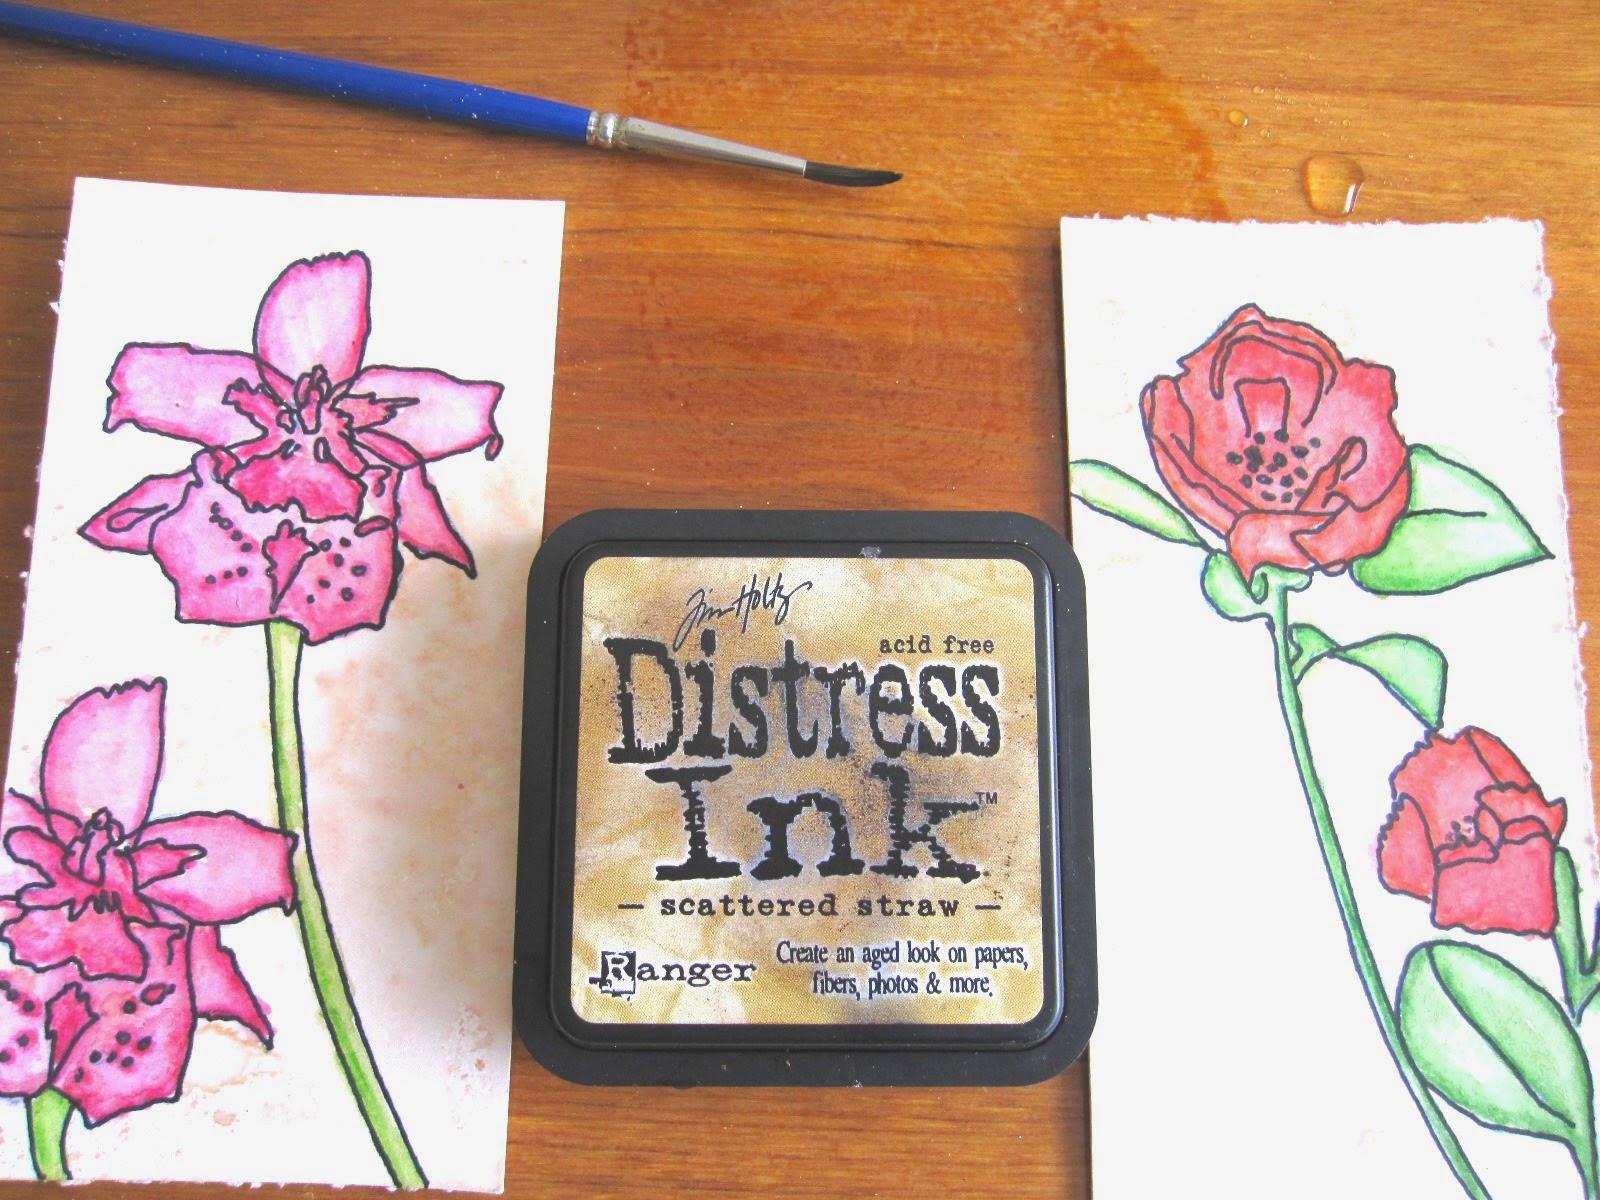 tercer paso tag abril:  cómo colorear si no se tienen distress markers, opción 2: distress ink, cómo usarlo